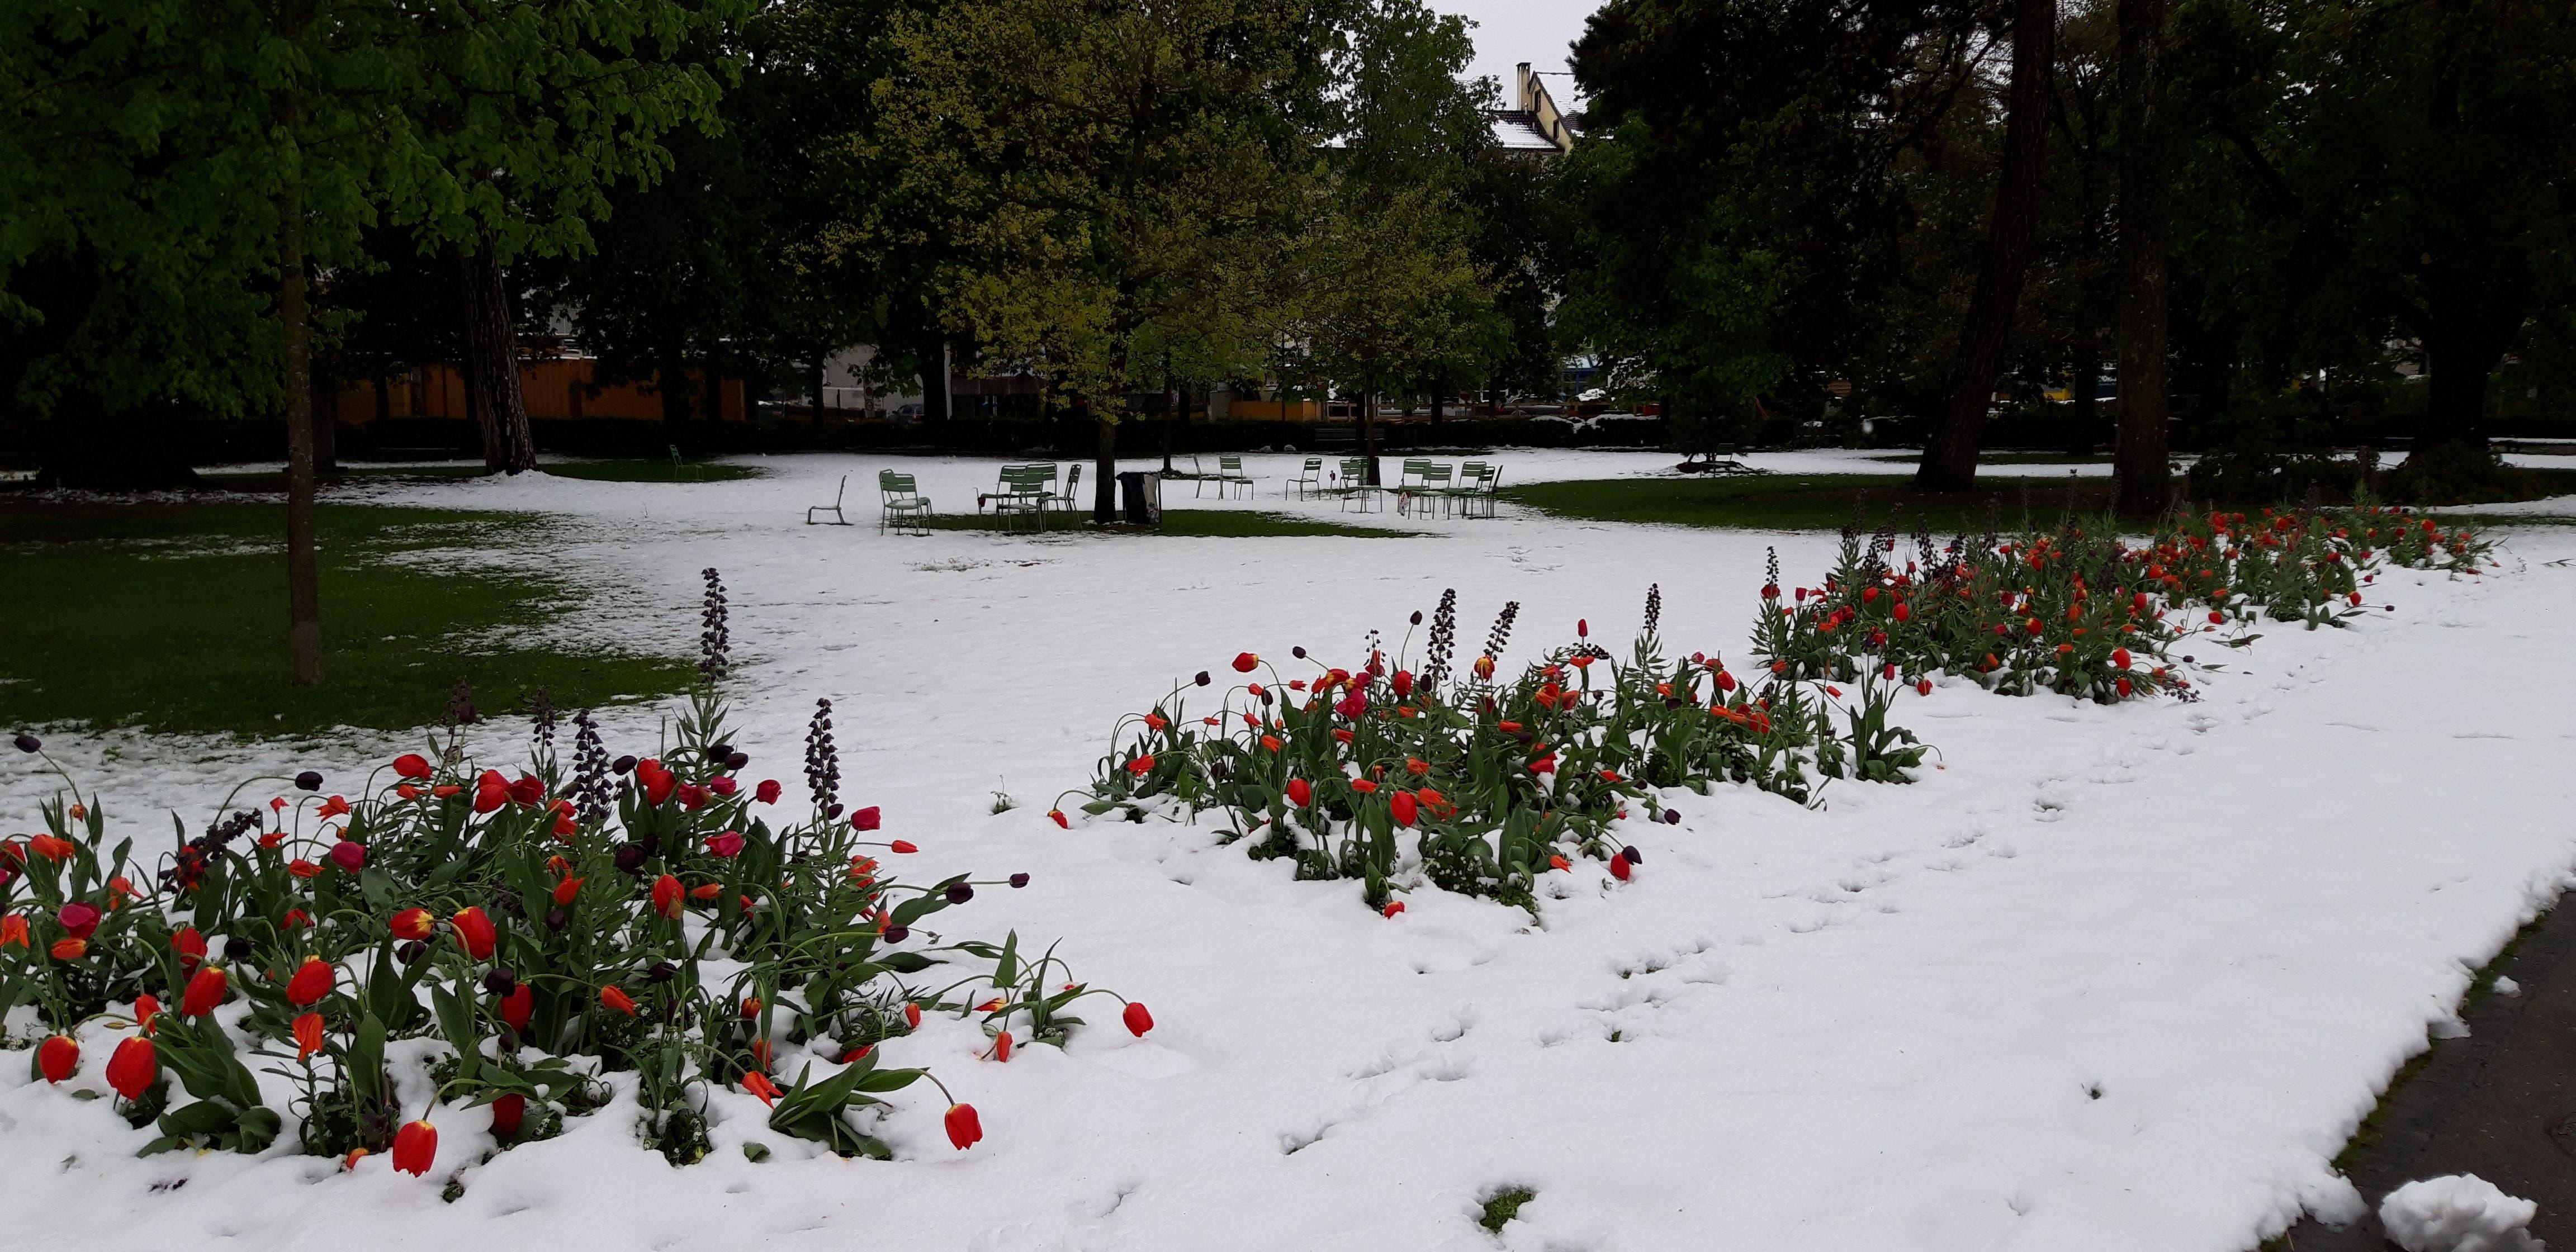 Leuchtende Blumen im schneebedeckten Stadtpark. (Bild: Klaus Businger)